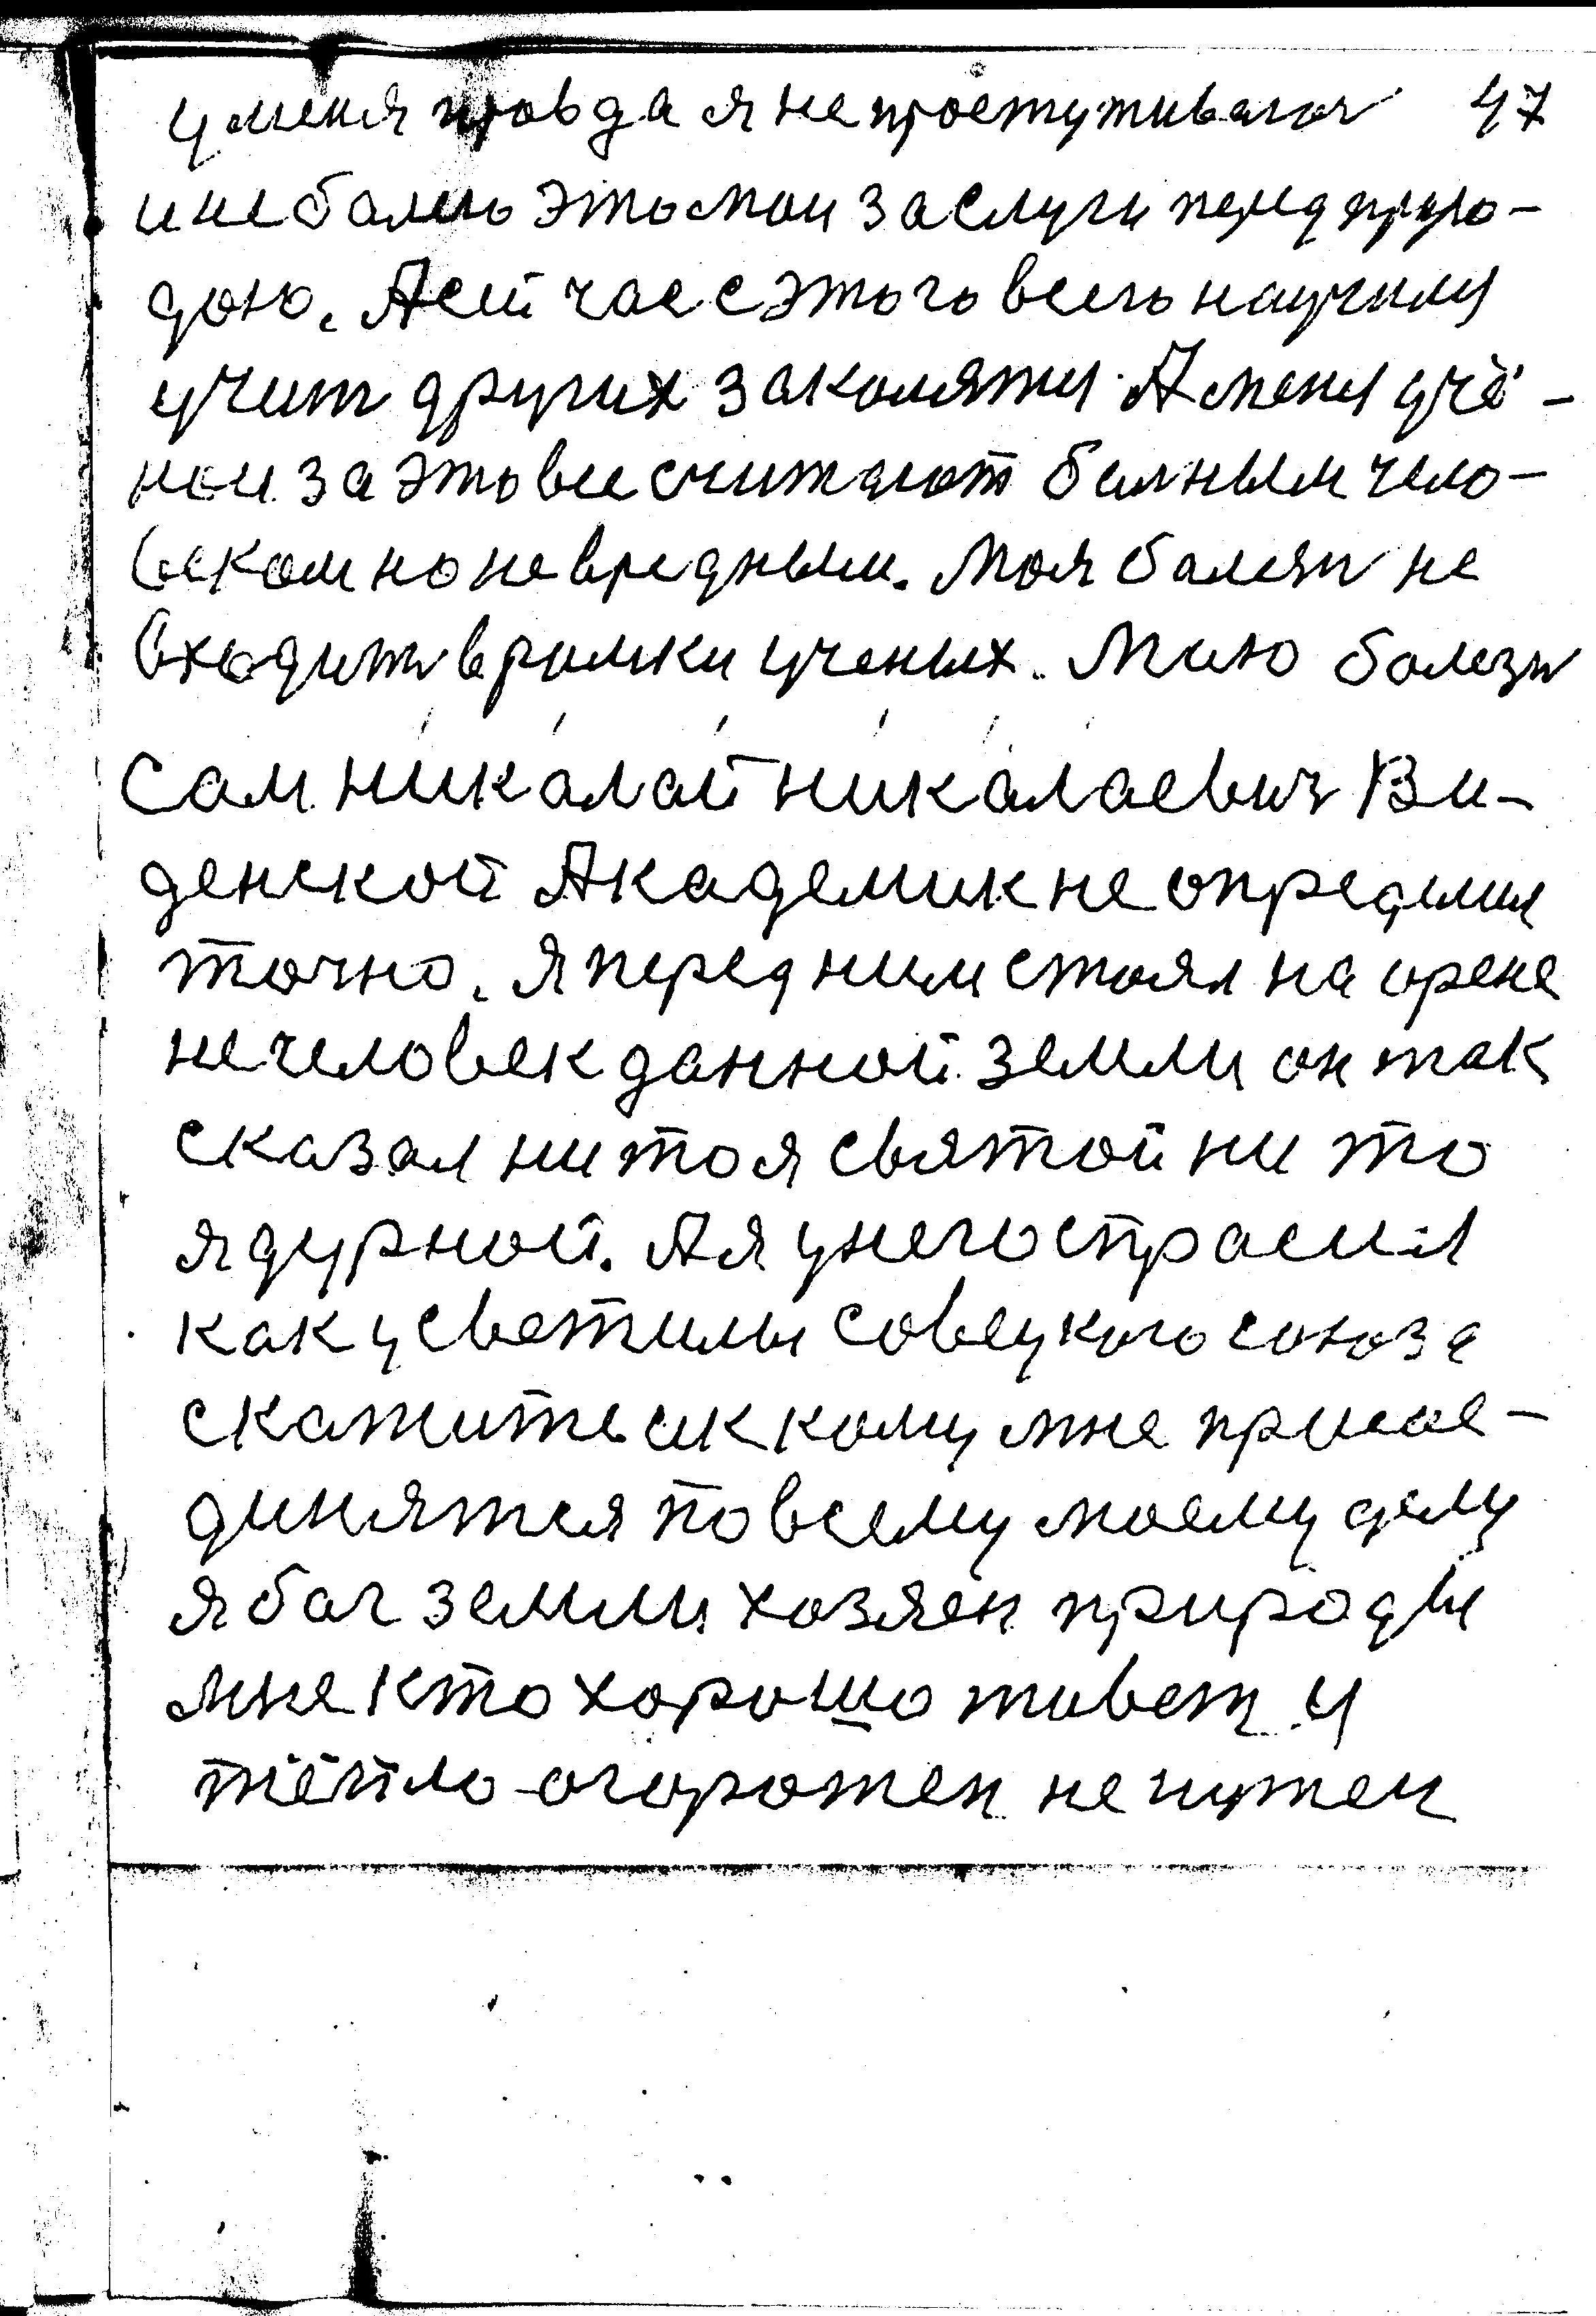 47-147.jpg